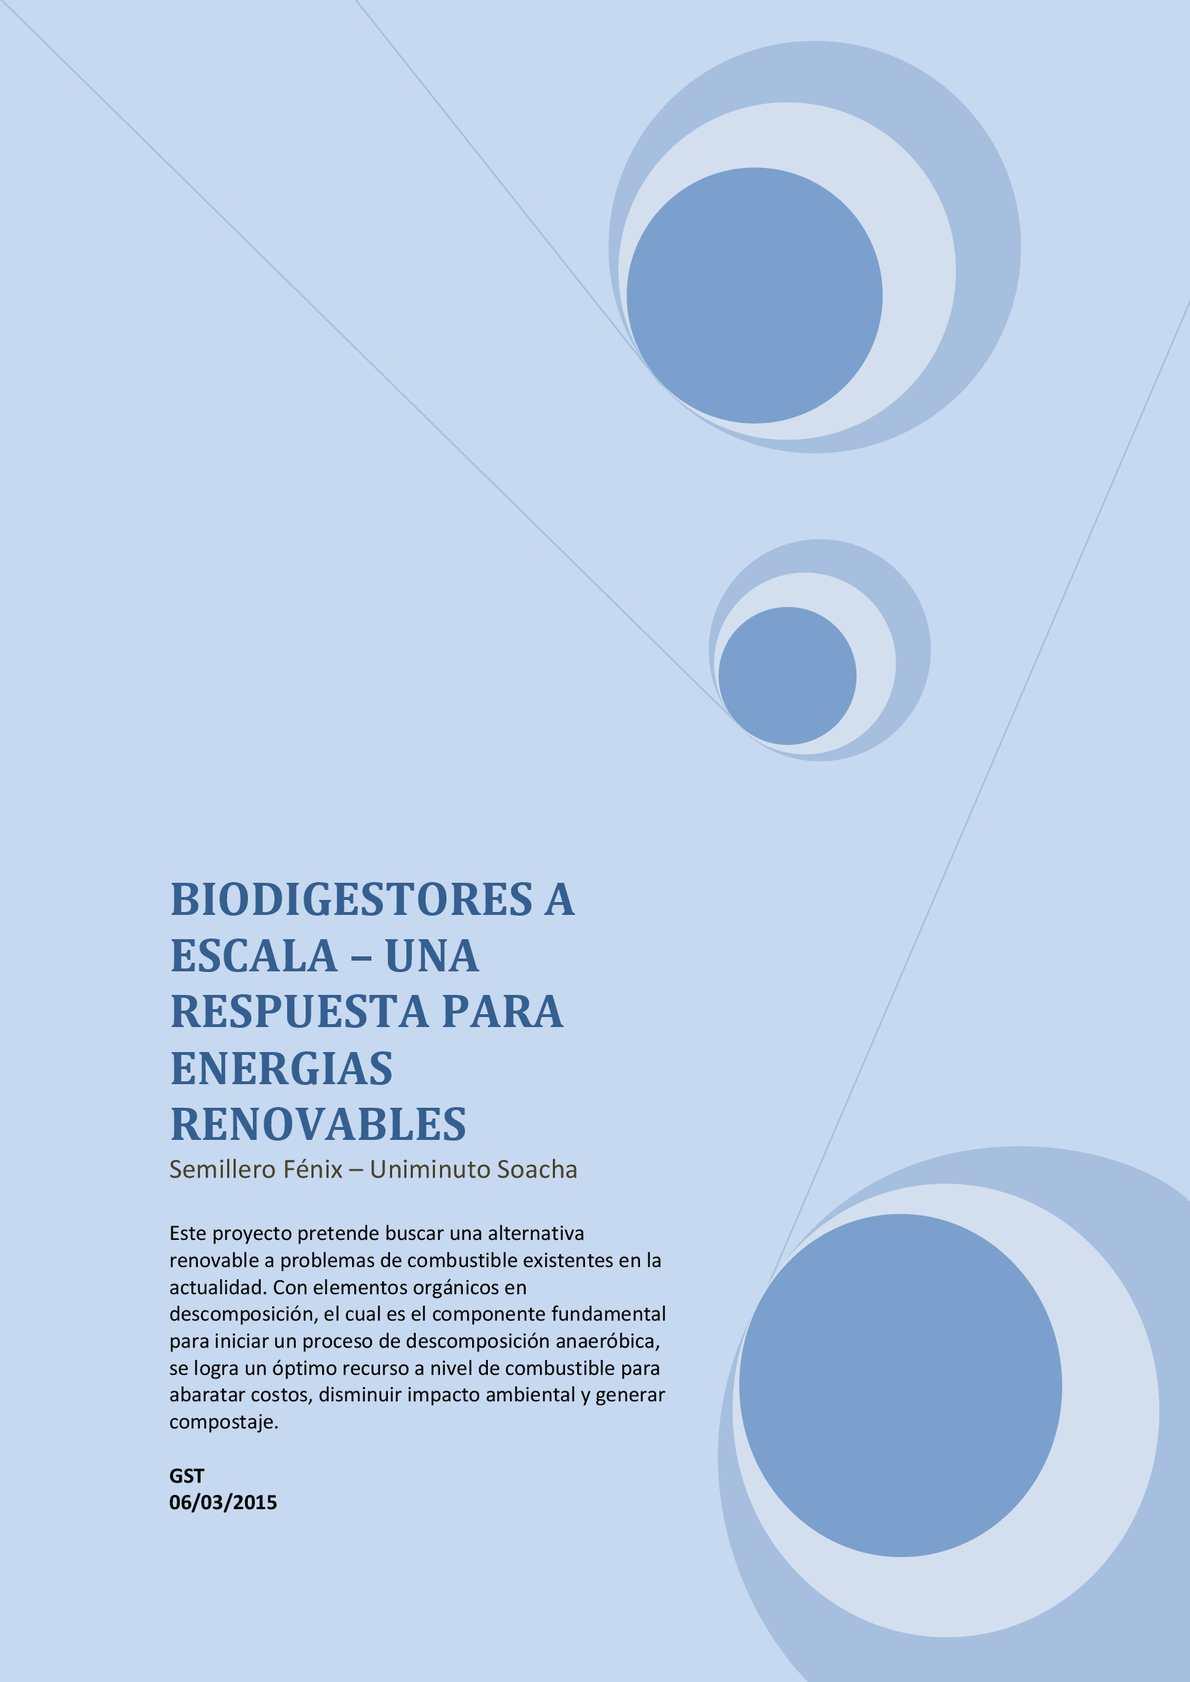 Biodigestores A Escala